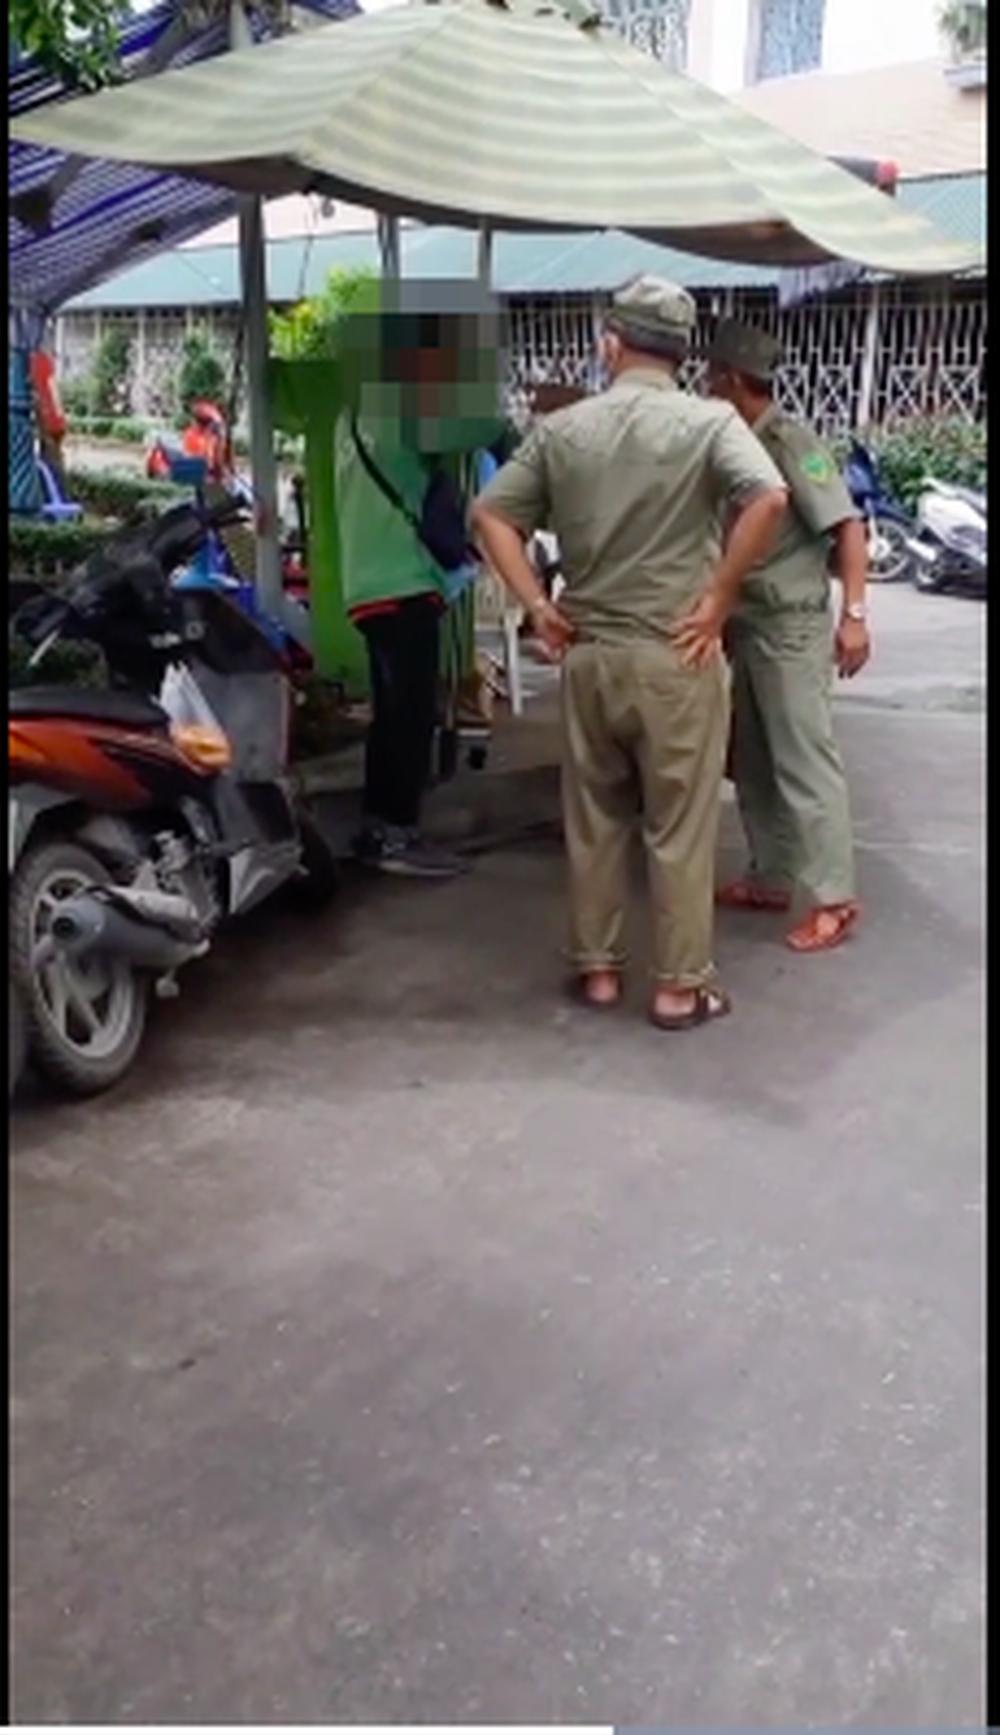 2 bảo vệ quát rồi tát nam tài xế công nghệ khi anh này muốn lấy đồ trong khu phong toả. (Ảnh chụp từ clip).